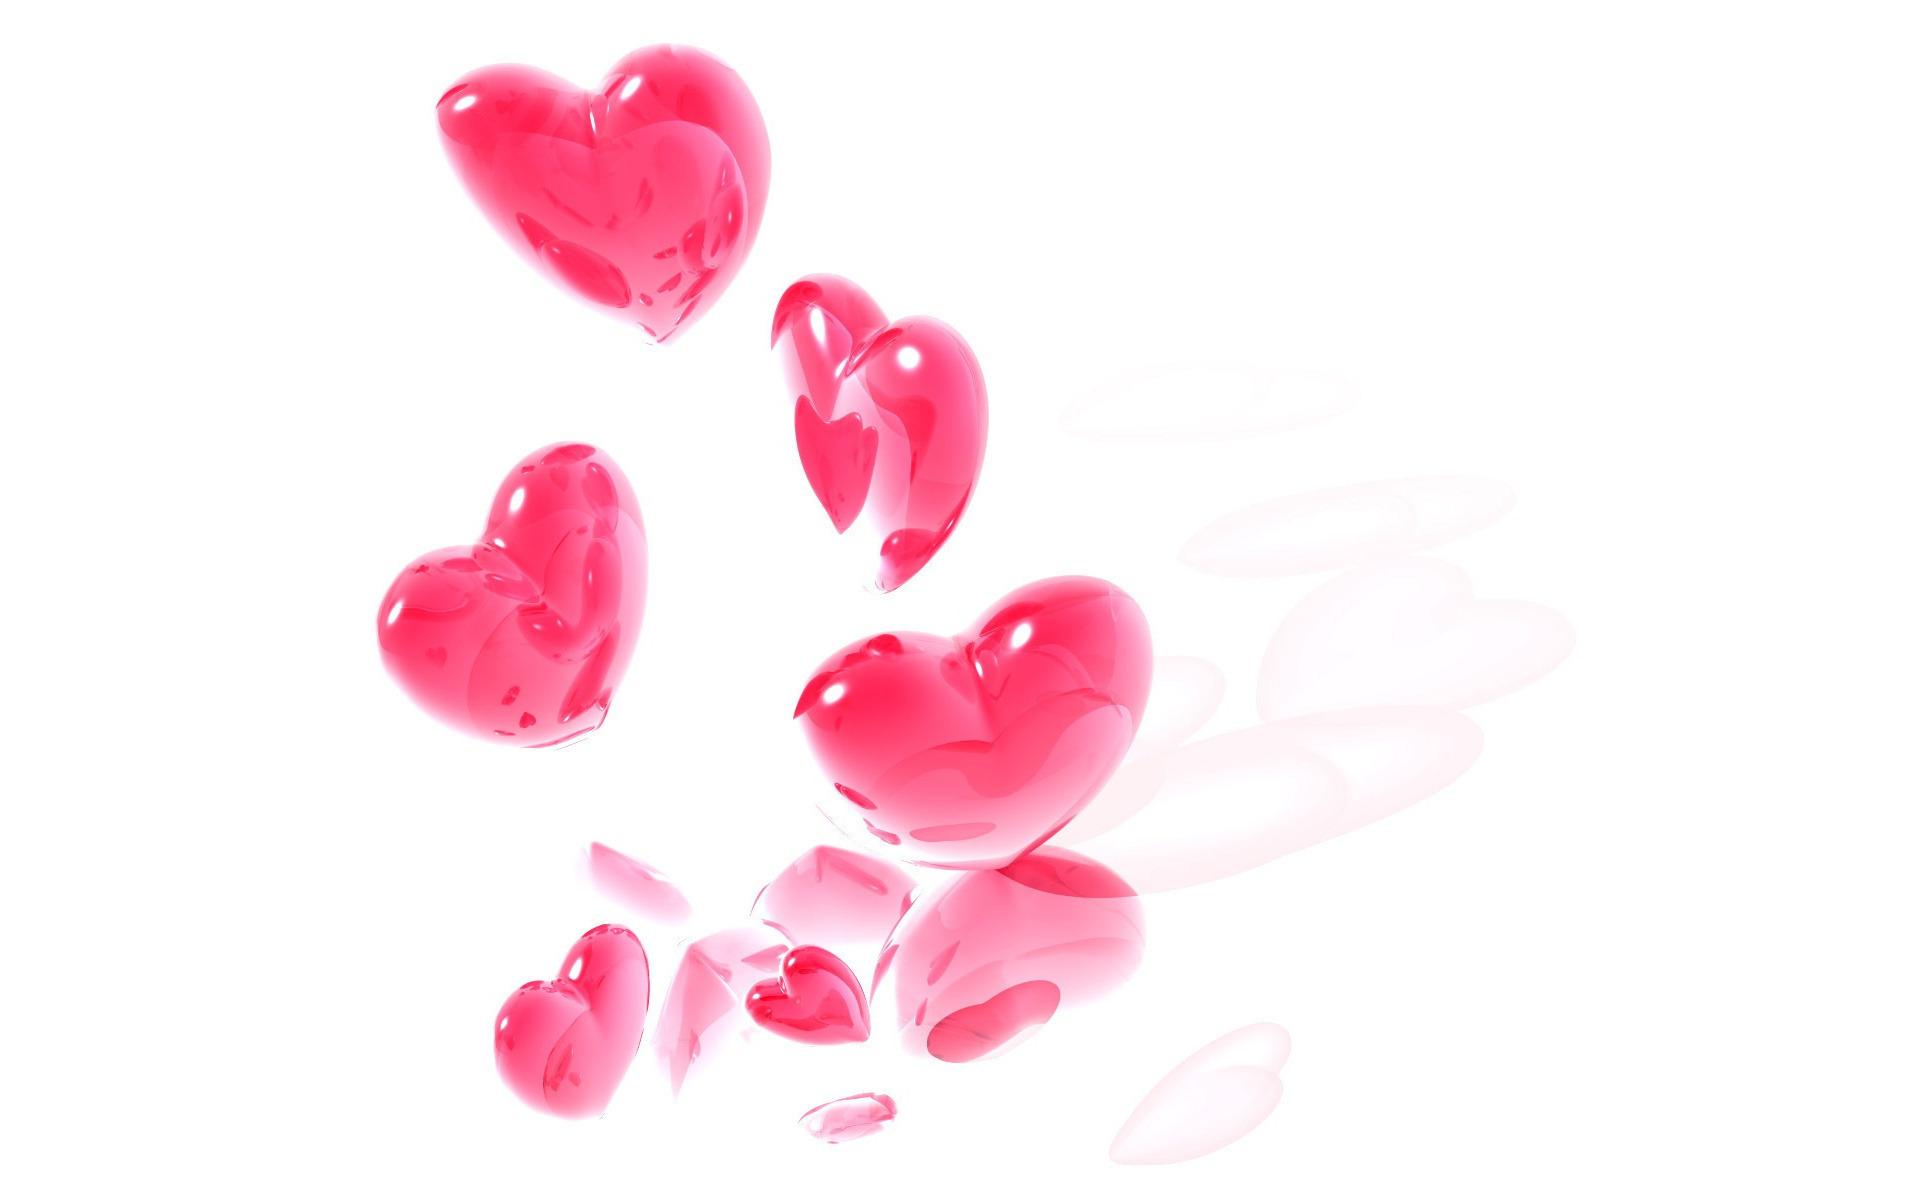 Красивое картинки про любовь на прозрачном фоне